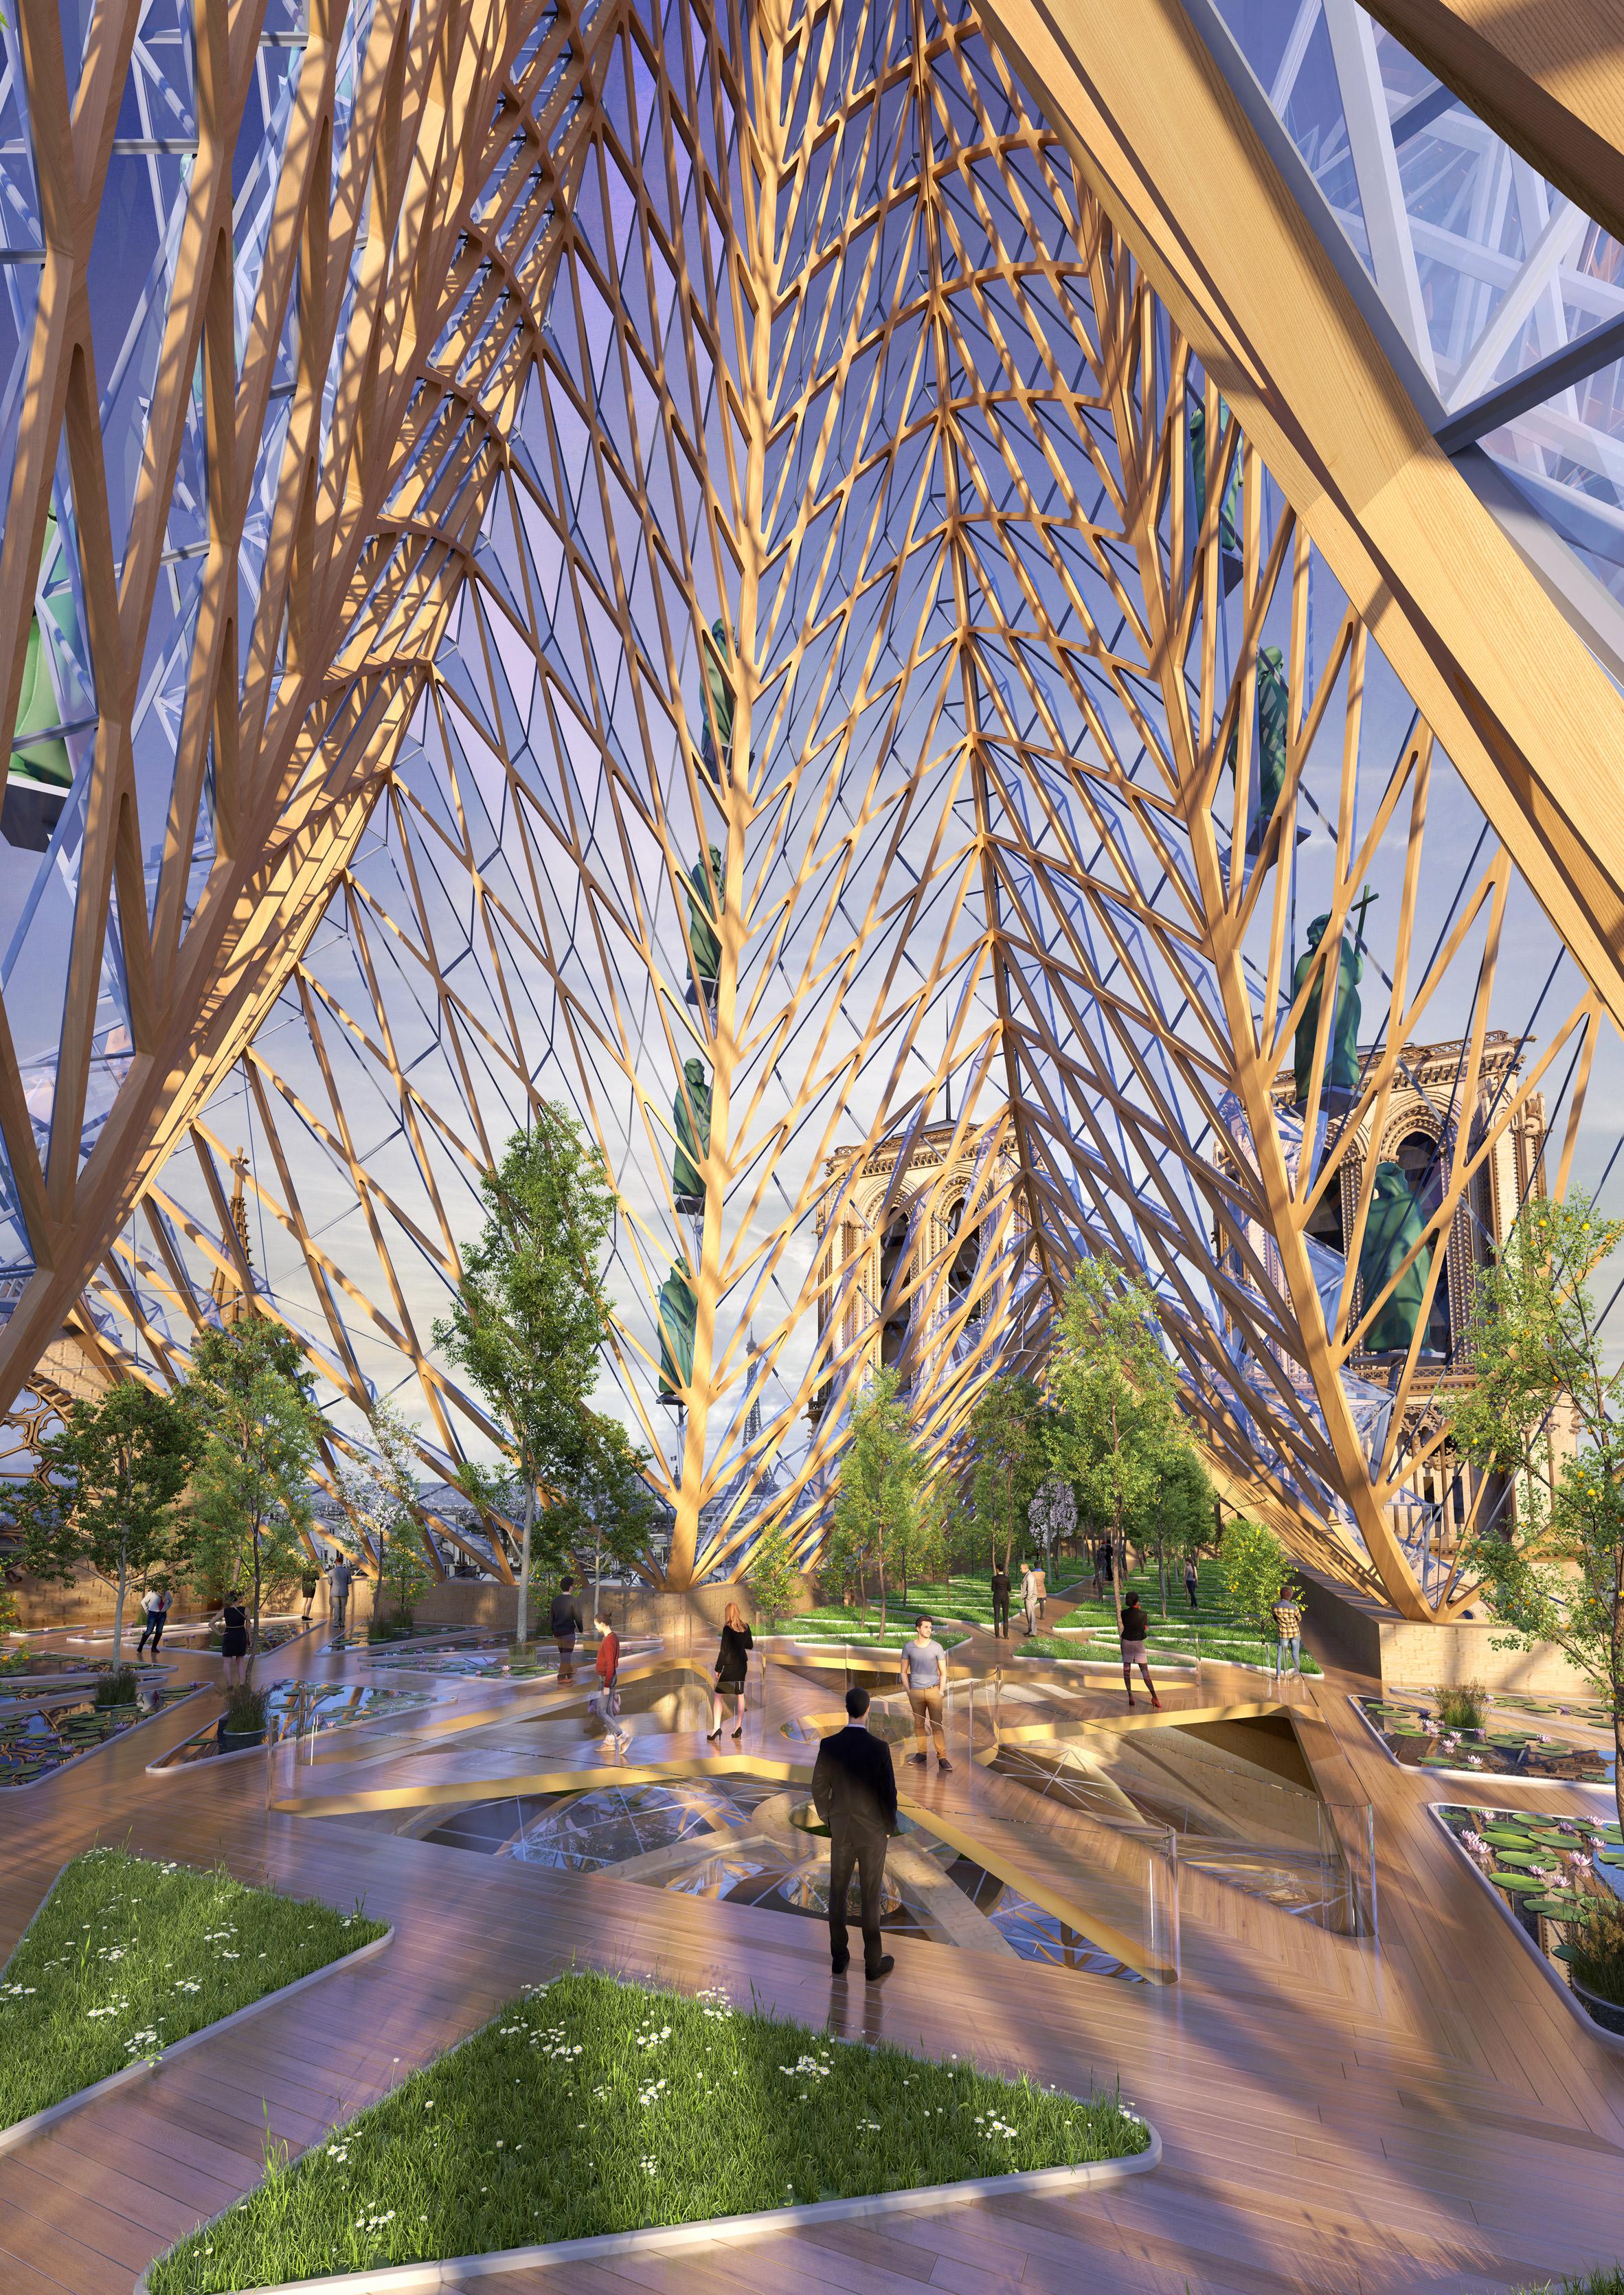 notre-dame-roof-spire-proposal-vincent-callebaut_dezeen_dezeen_2364_col_2.jpg